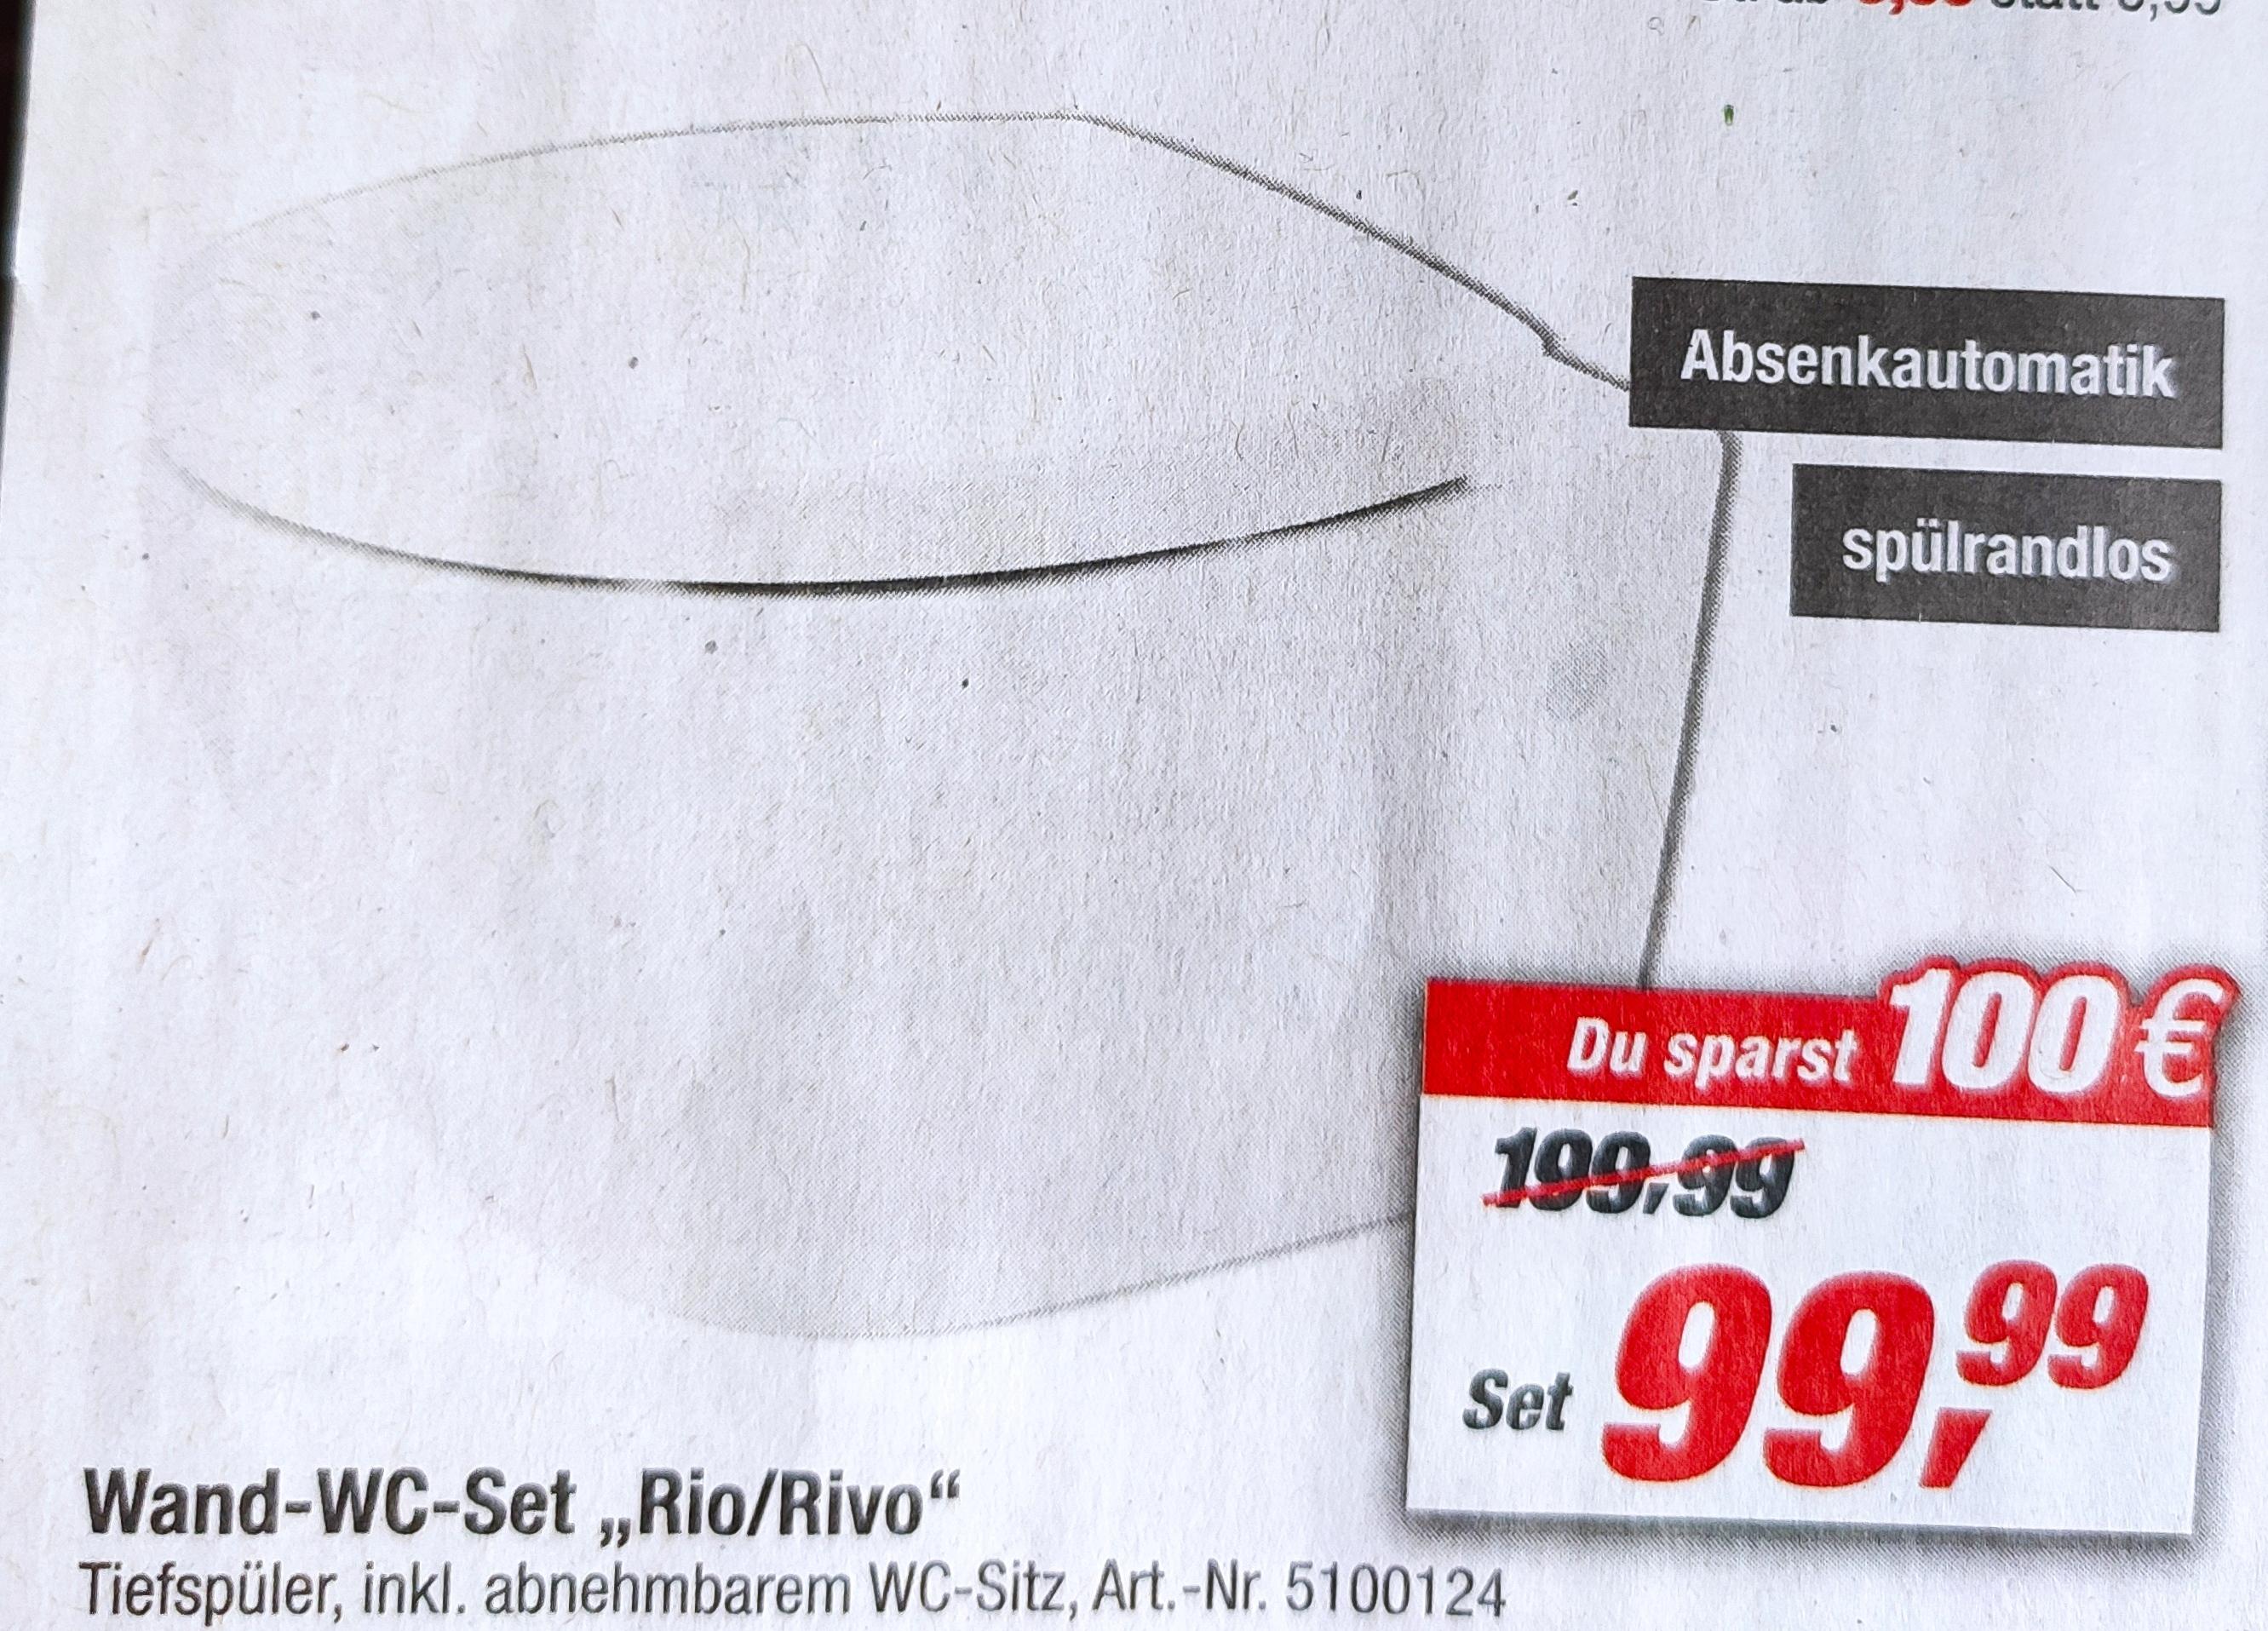 Wand WC Set Rio / Rivo Spülrandlos im Toom Baumarkt für 99.99€ (Lokal Bundesweit?) Nur noch bis 19.3!